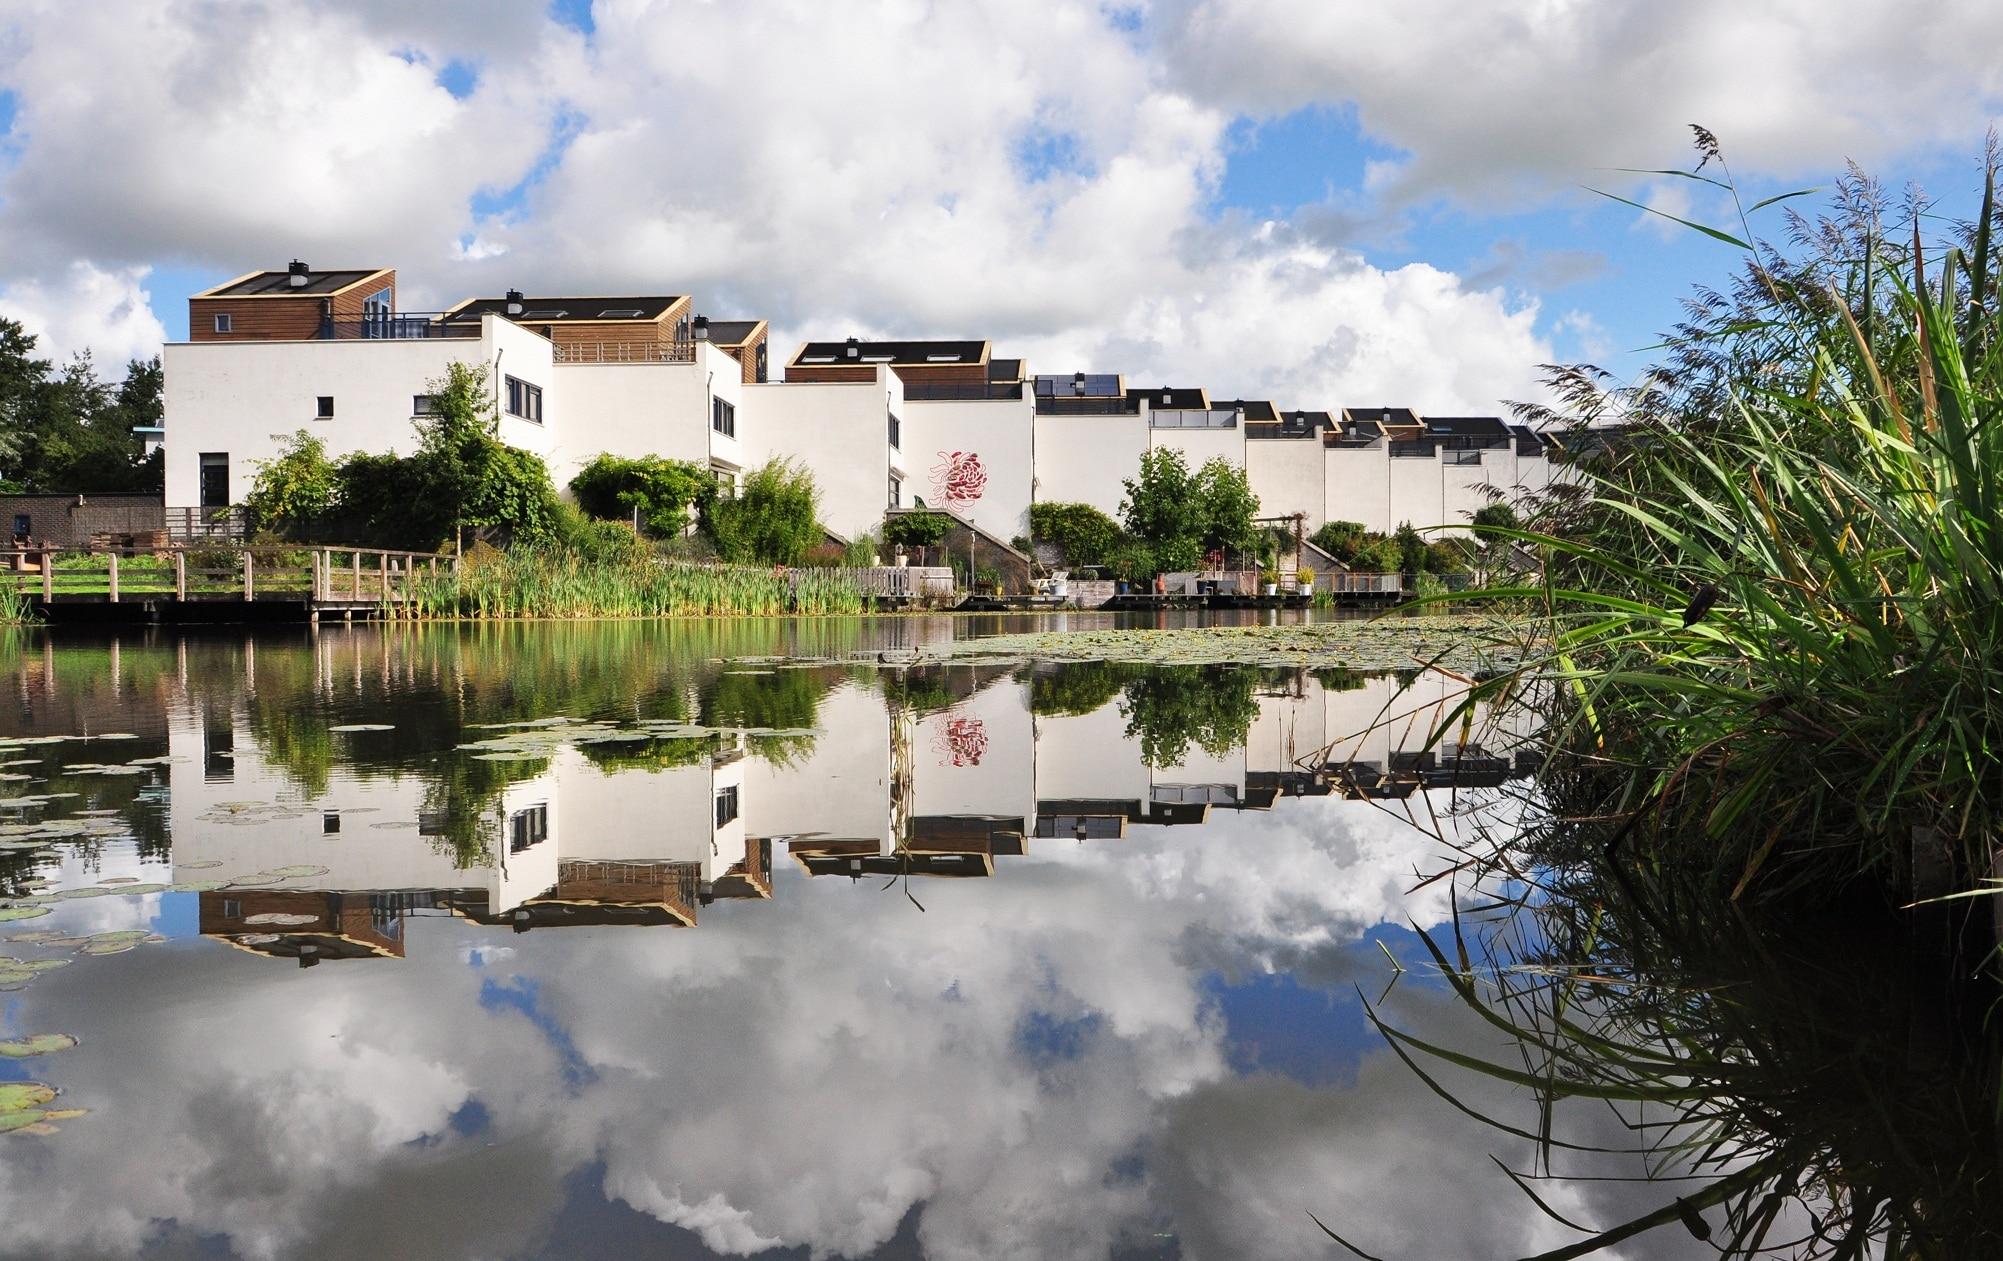 Woningen, huizen in Nieuwland Amersfoort